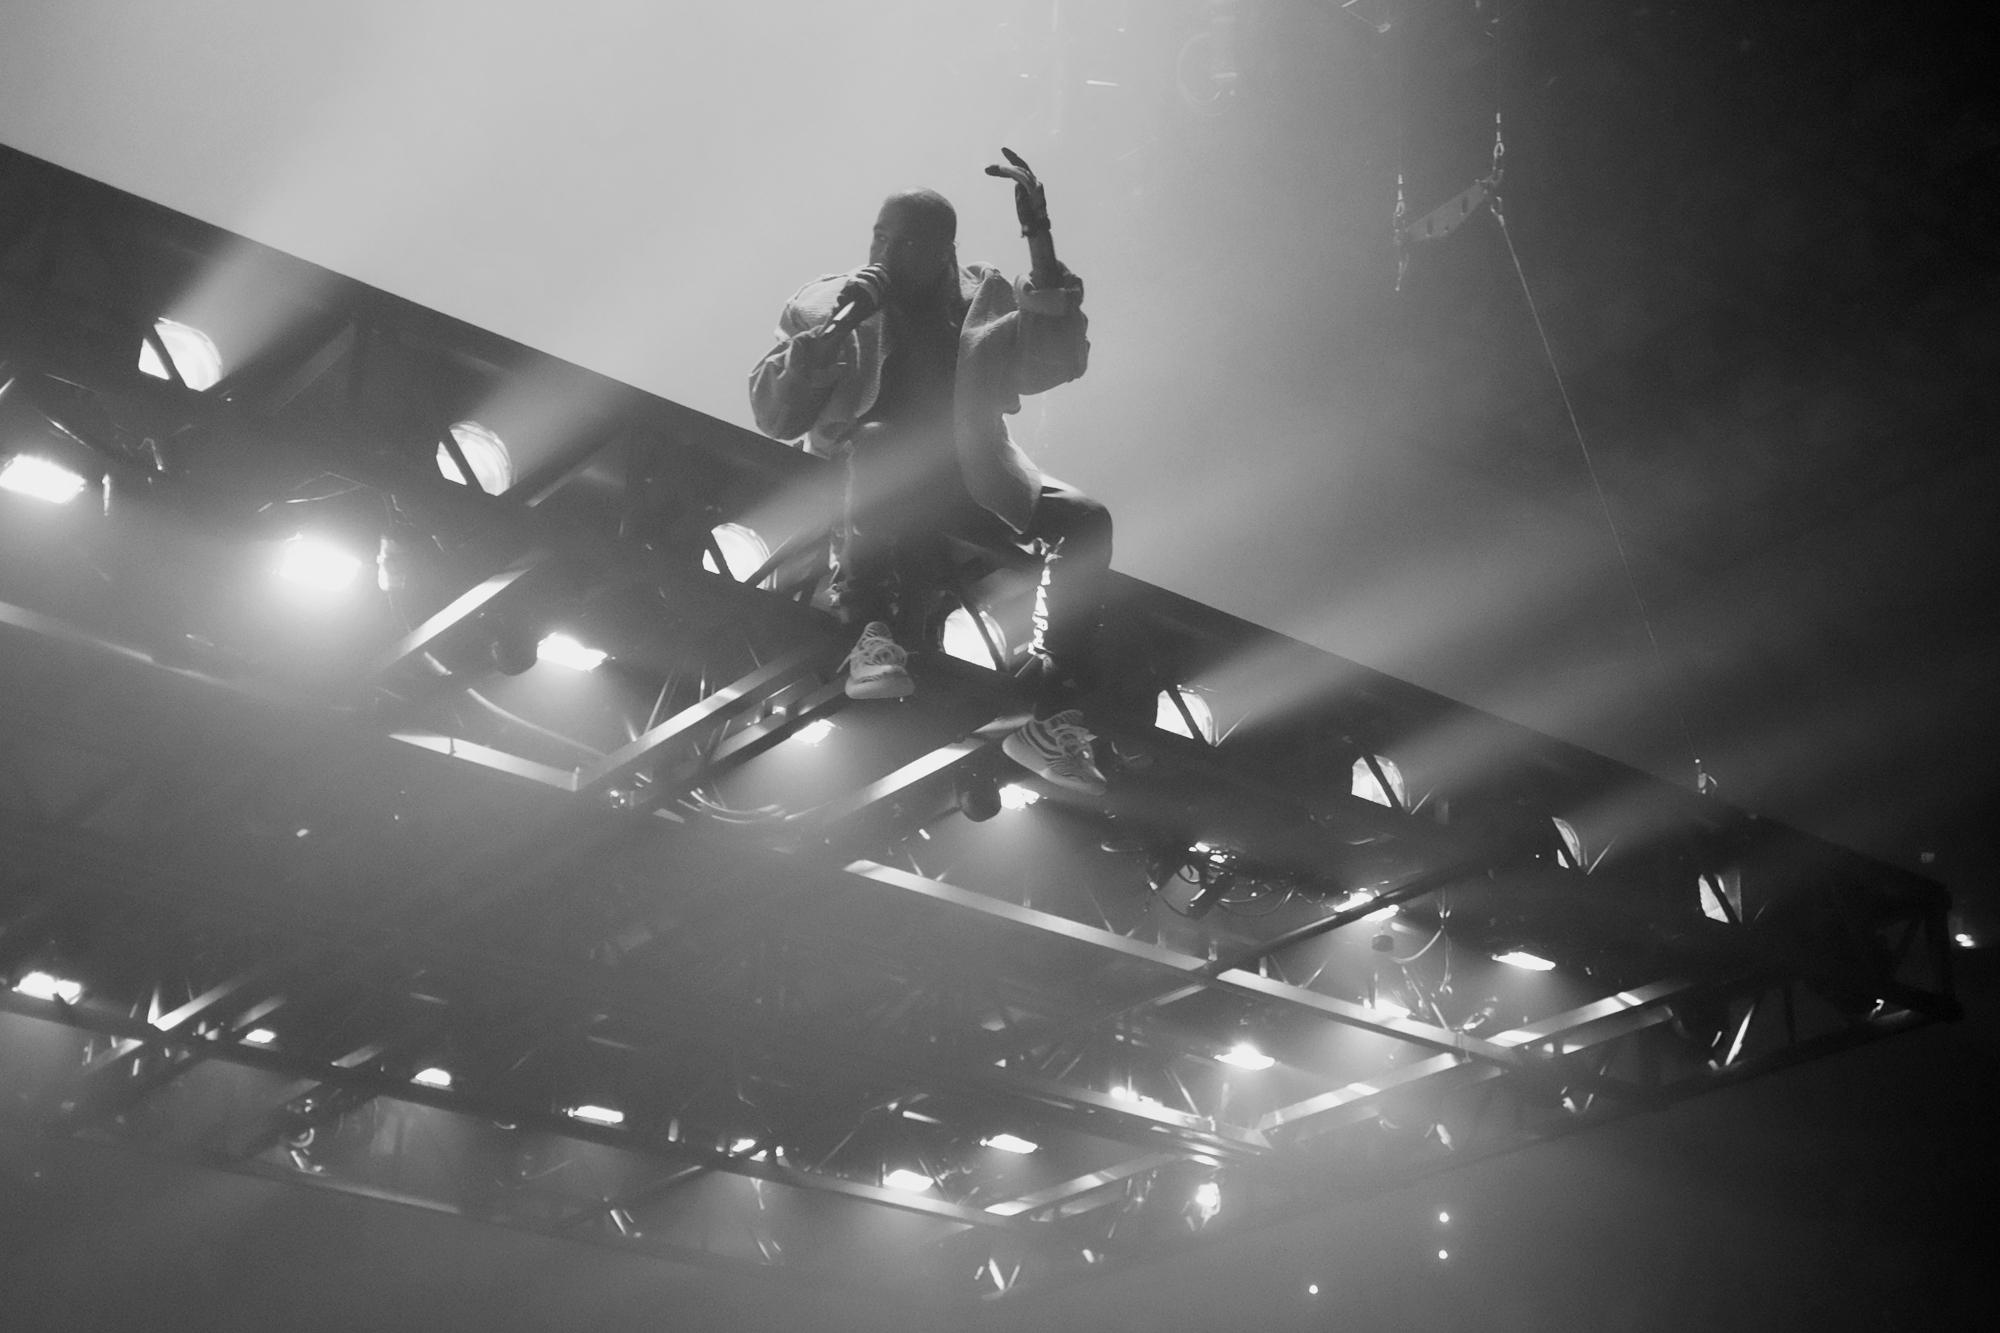 Kanye West Kicks Off The Saint Pablo Tour: The 10 Best